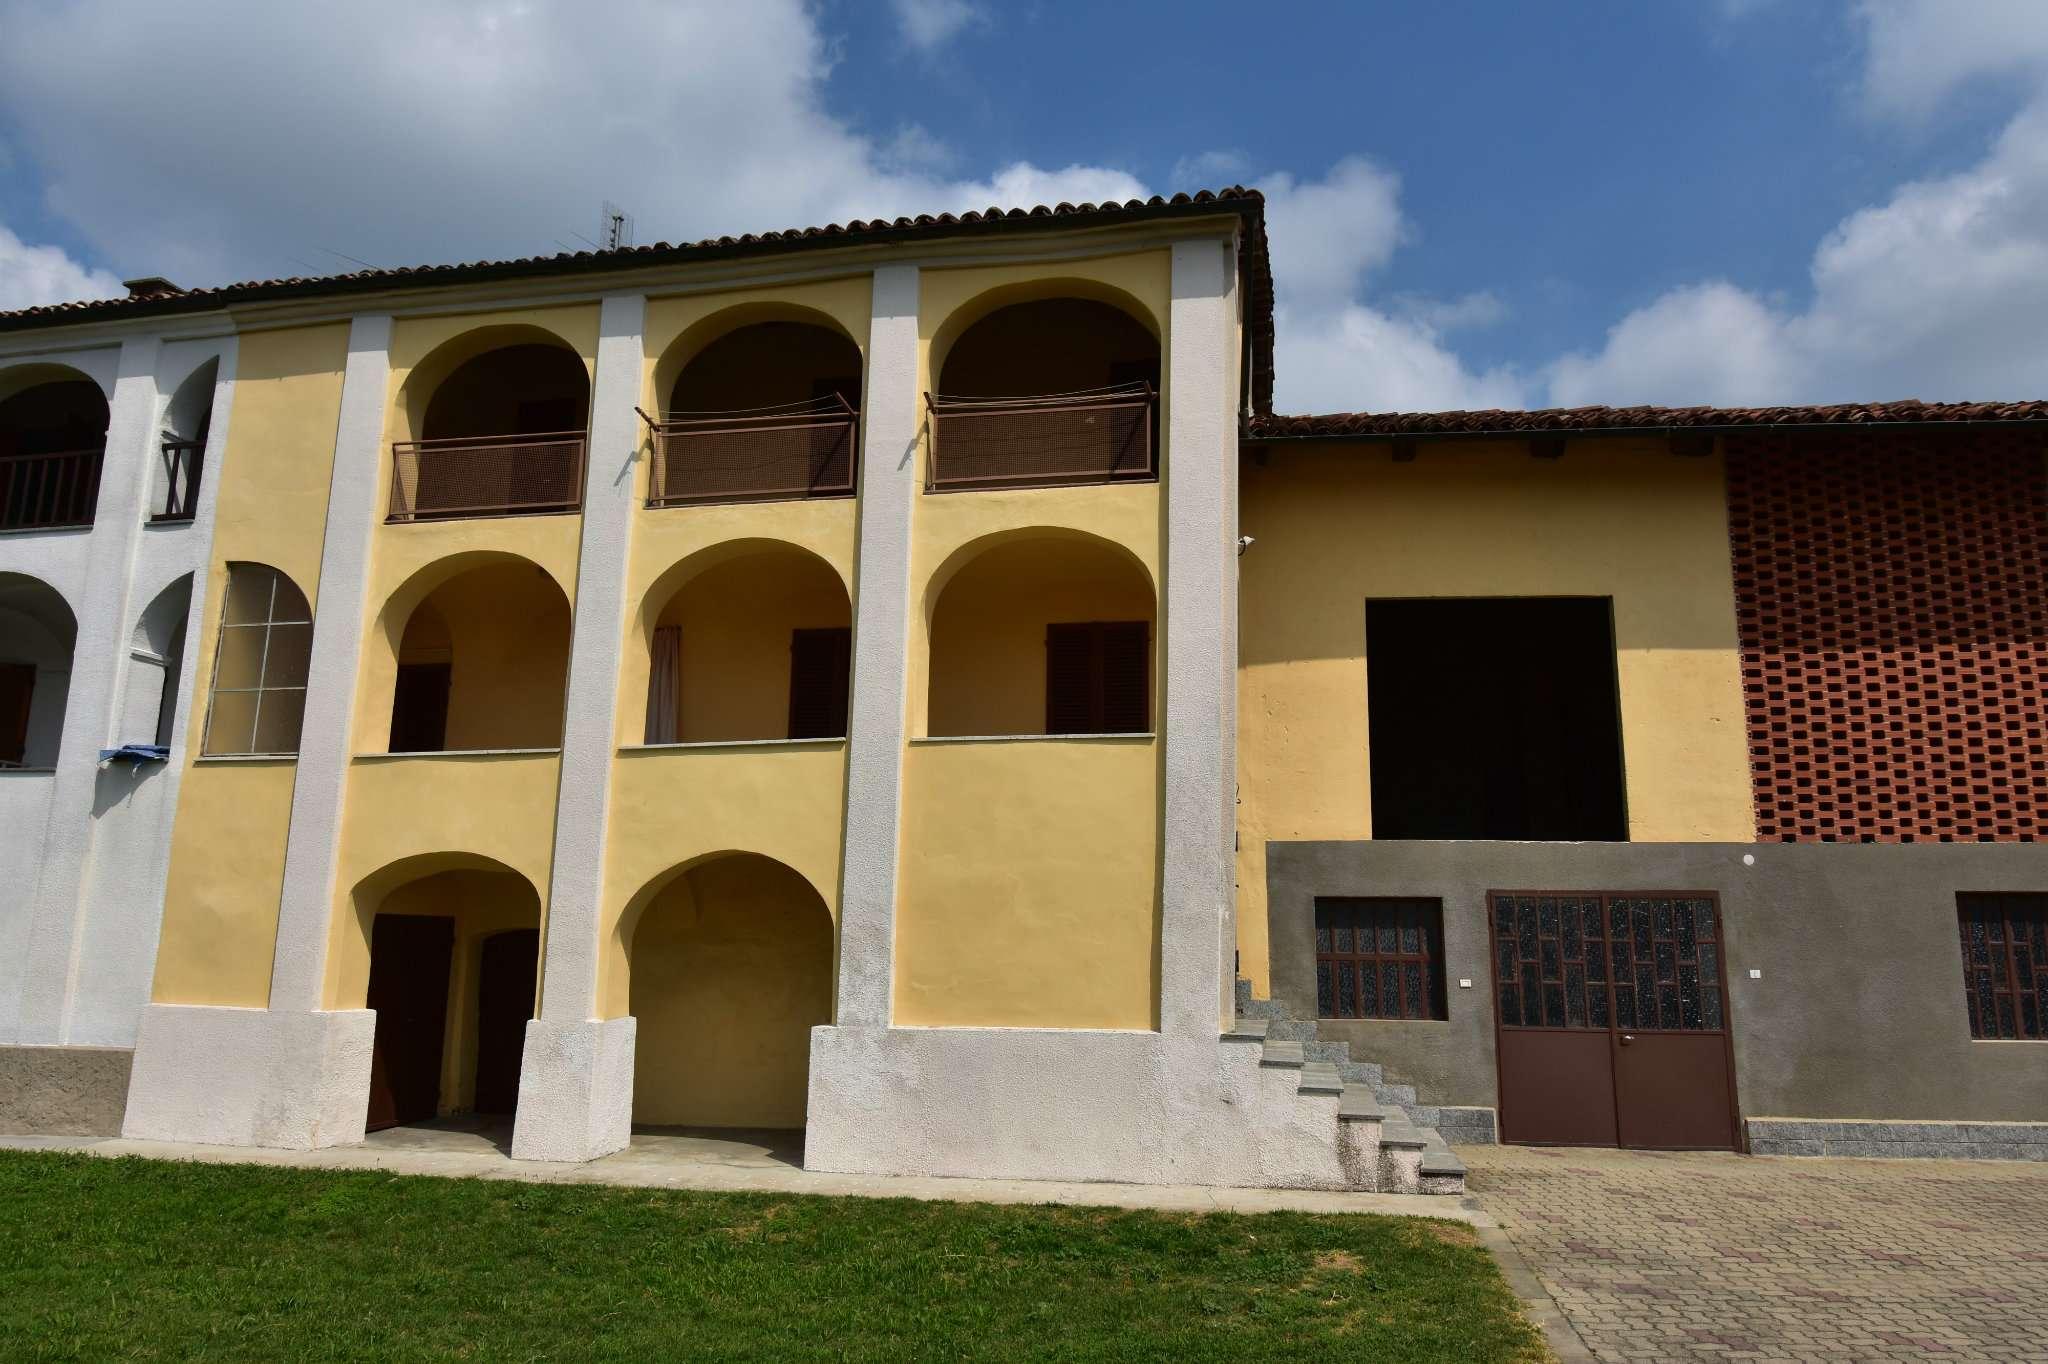 Soluzione Semindipendente in affitto a Cerreto d'Asti, 4 locali, prezzo € 400   CambioCasa.it